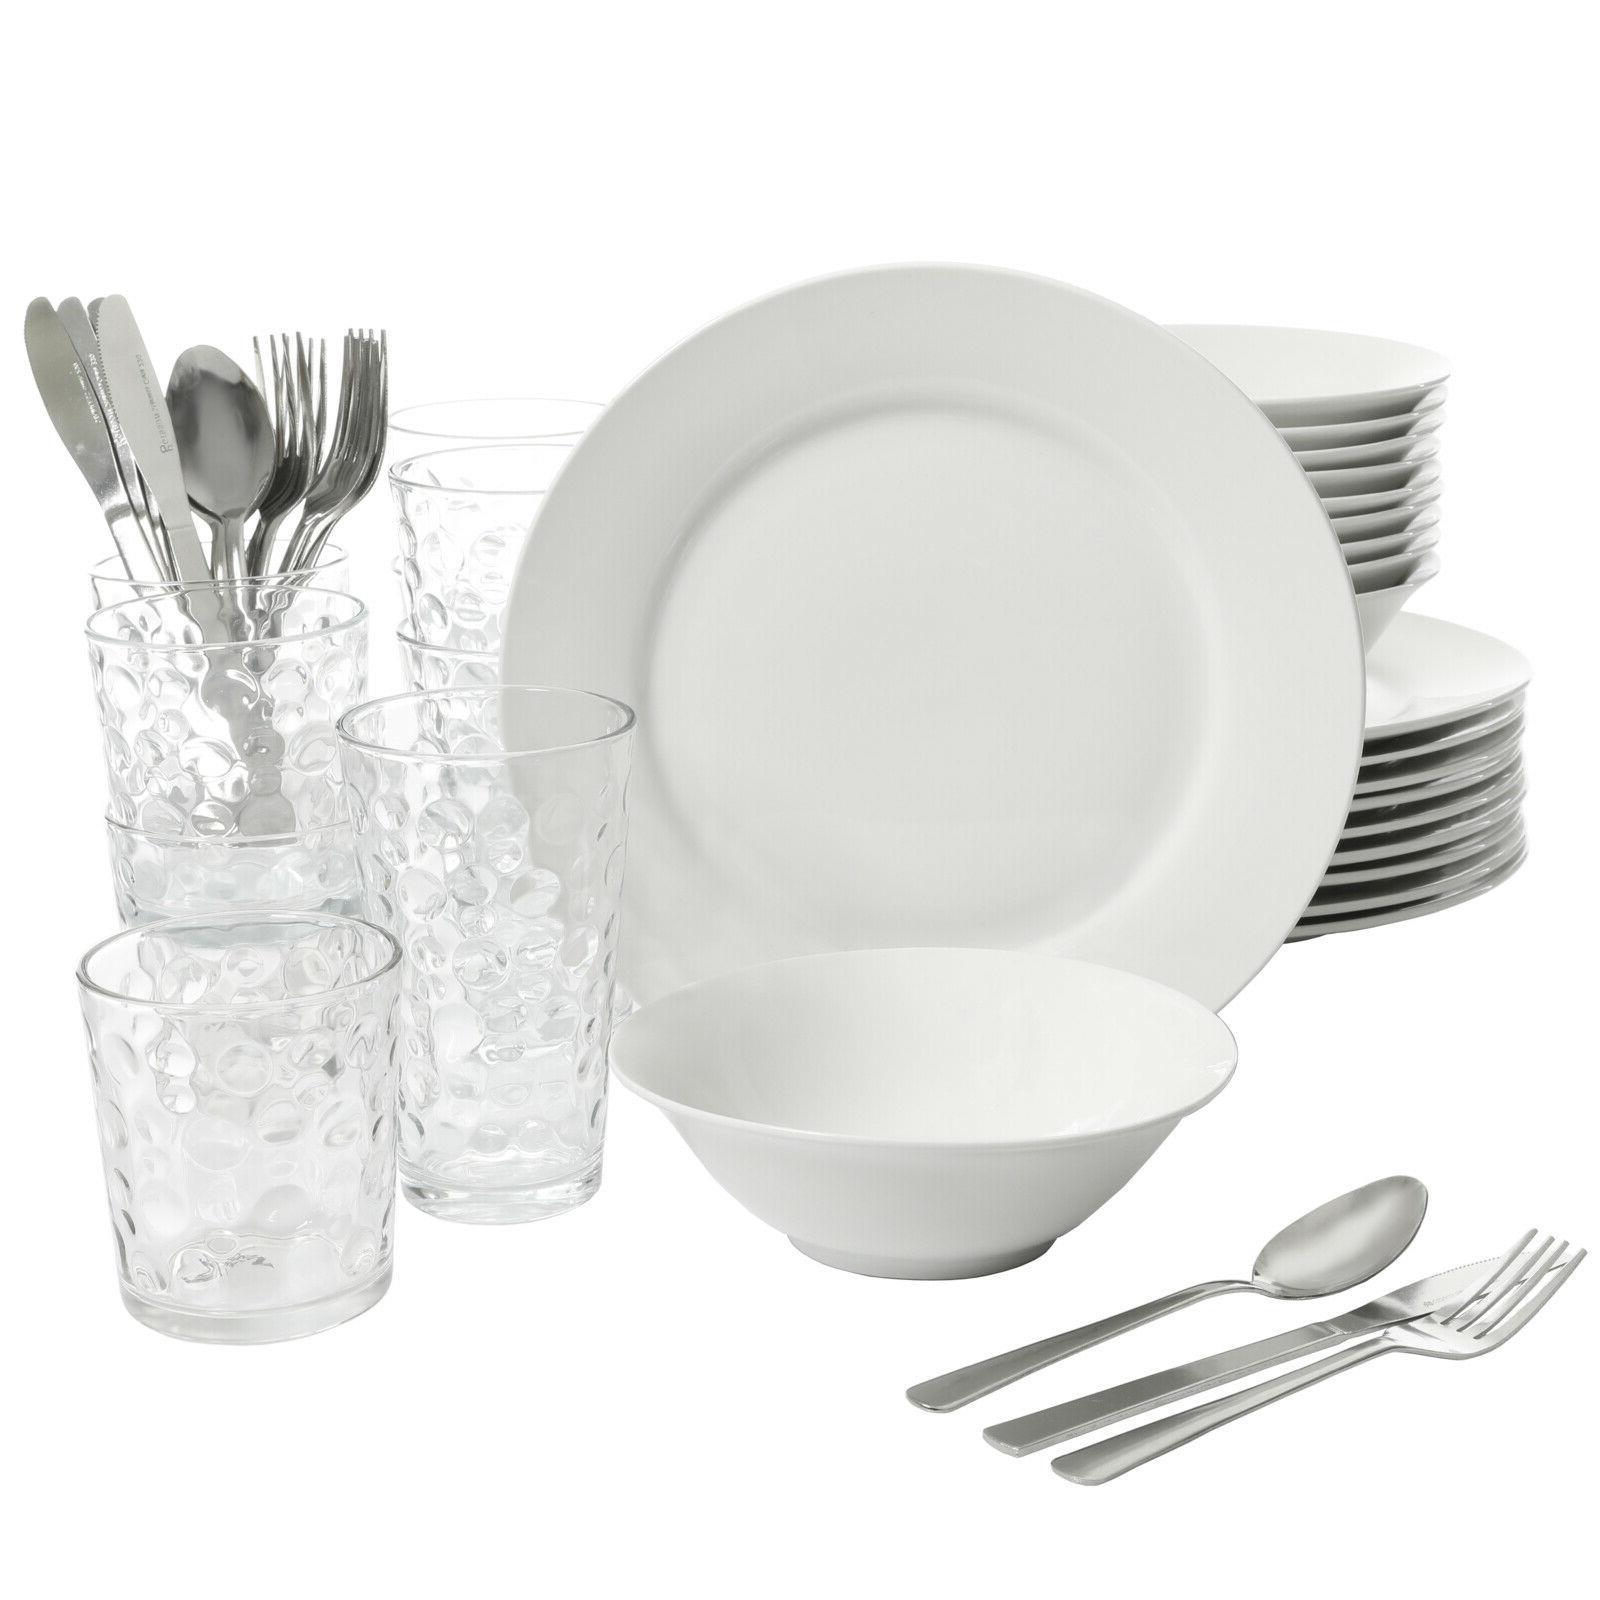 Kitchen Basic Essentials Set 48-Piece Dishwasher Safe